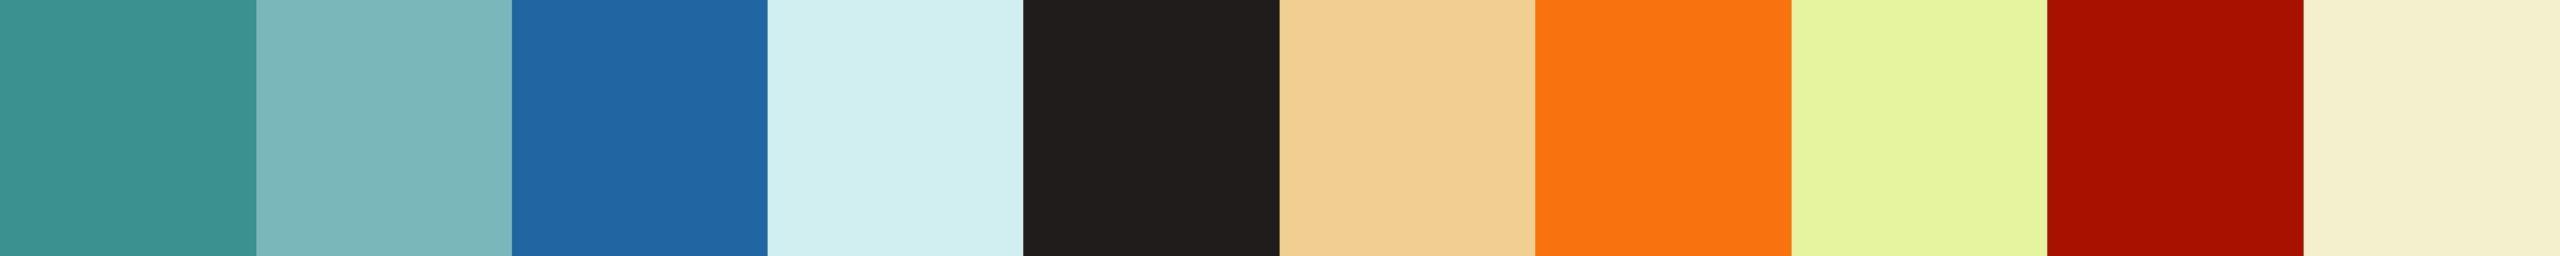 496 Pymau Color Palette